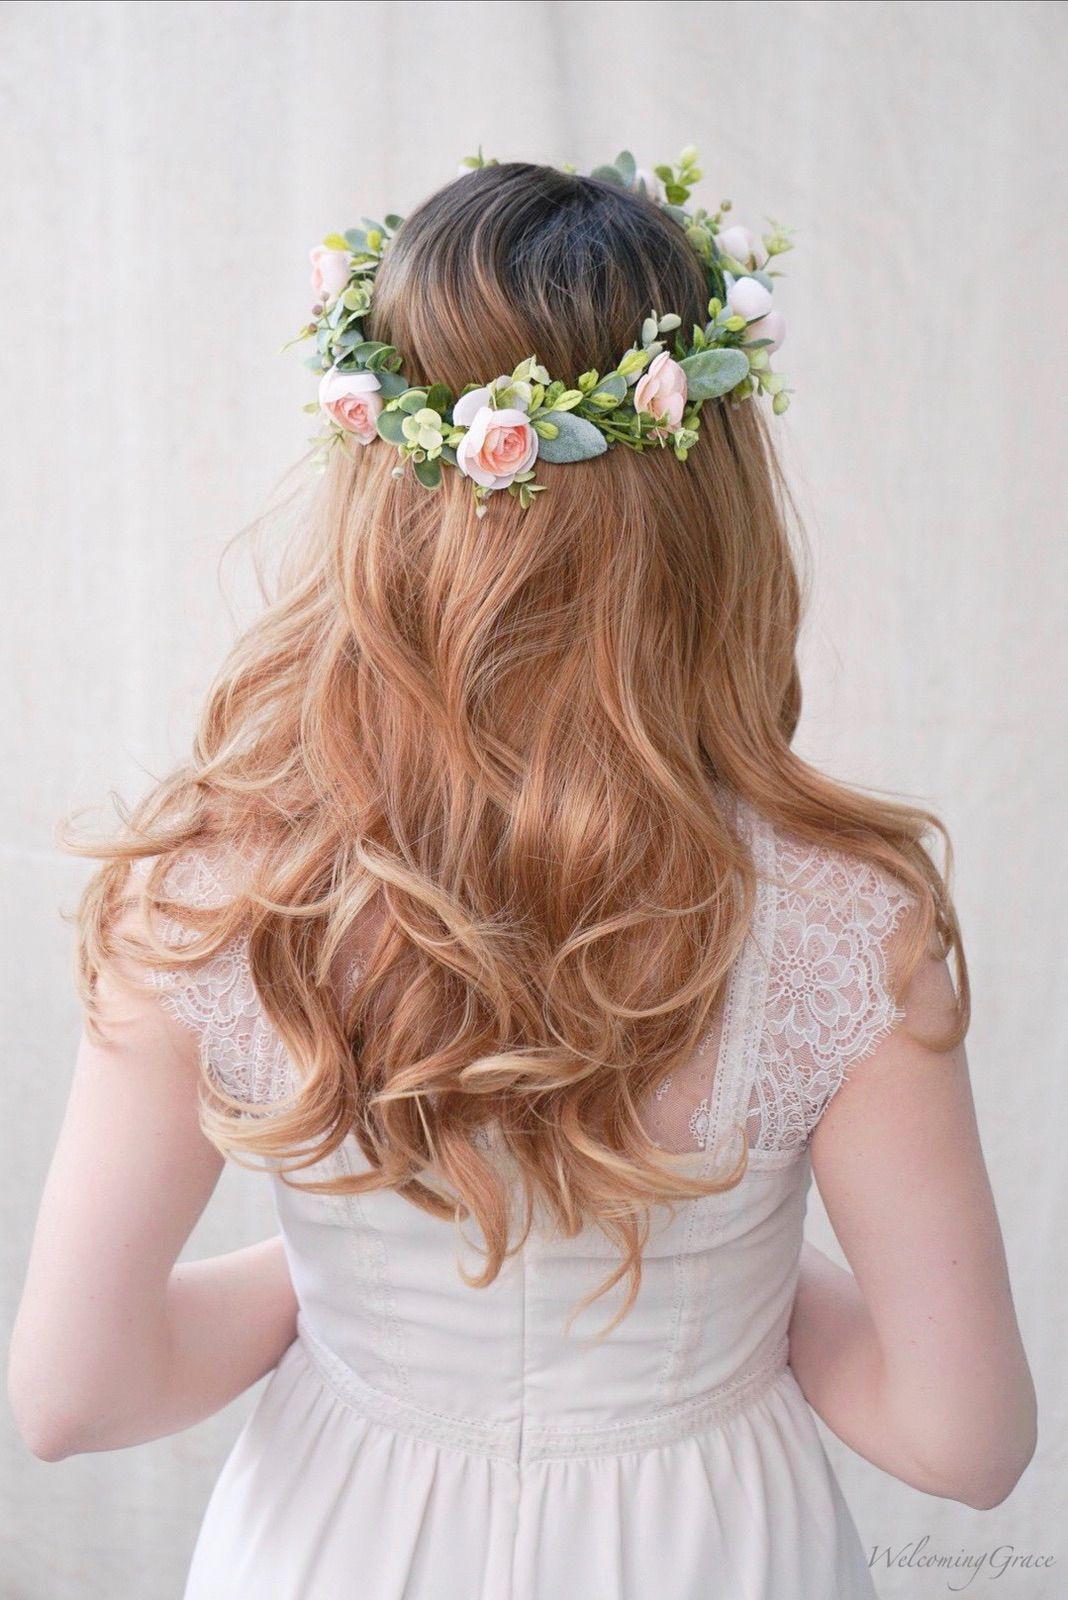 Blush Ranunculus Wild Greenery Bridal Crown Flowers Flowercrown Weddinghairstyles Weddinginspiration Weddi Bridal Crown Bridal Flower Crown Floral Crown